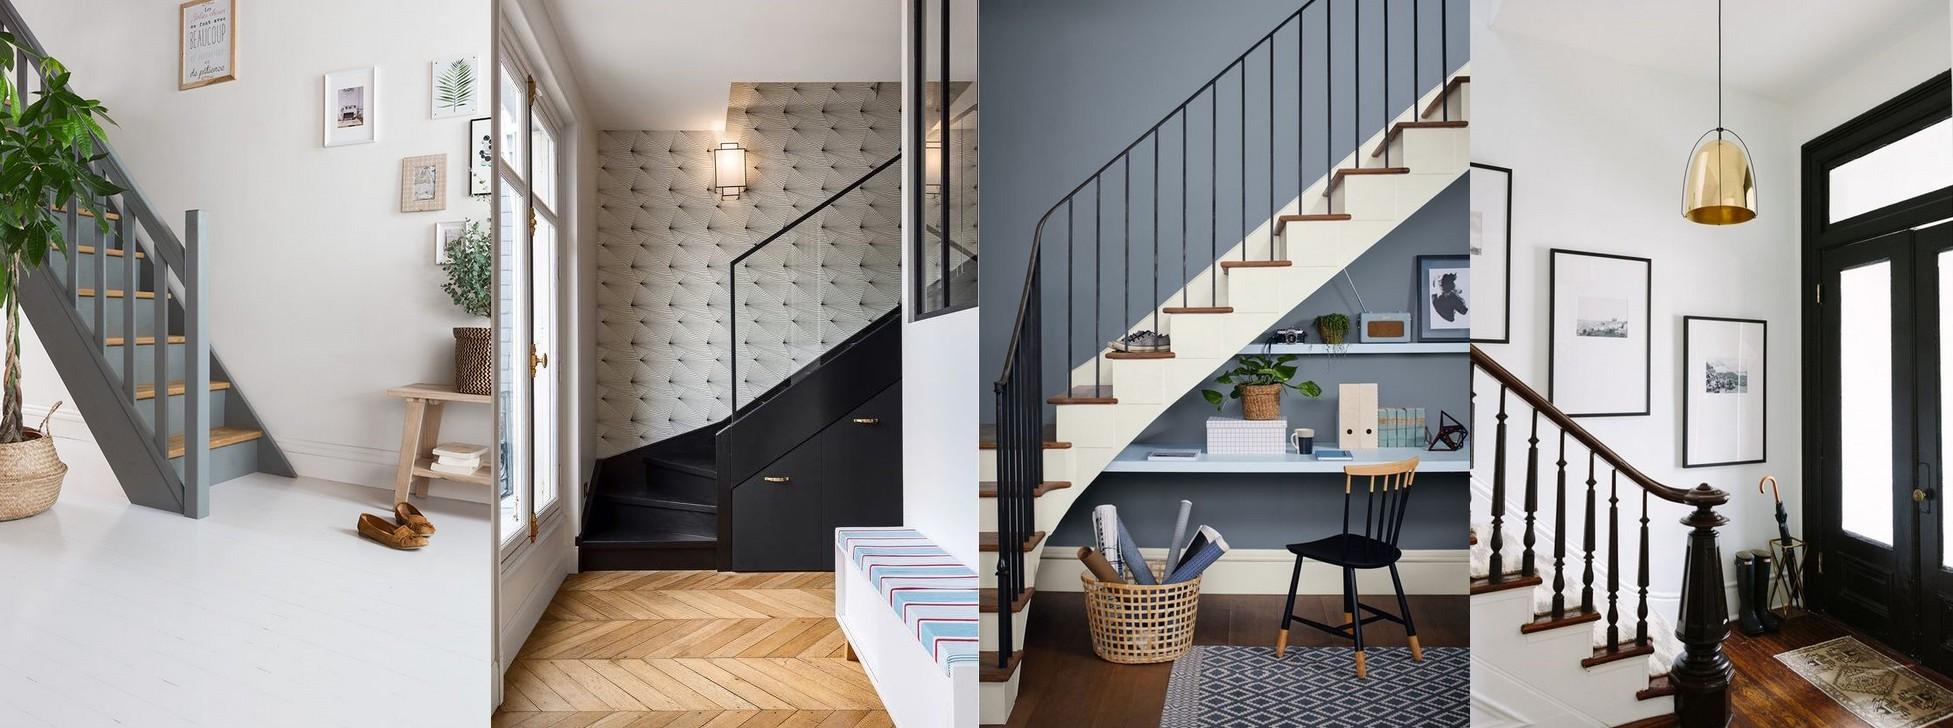 Espace escalier.jpg